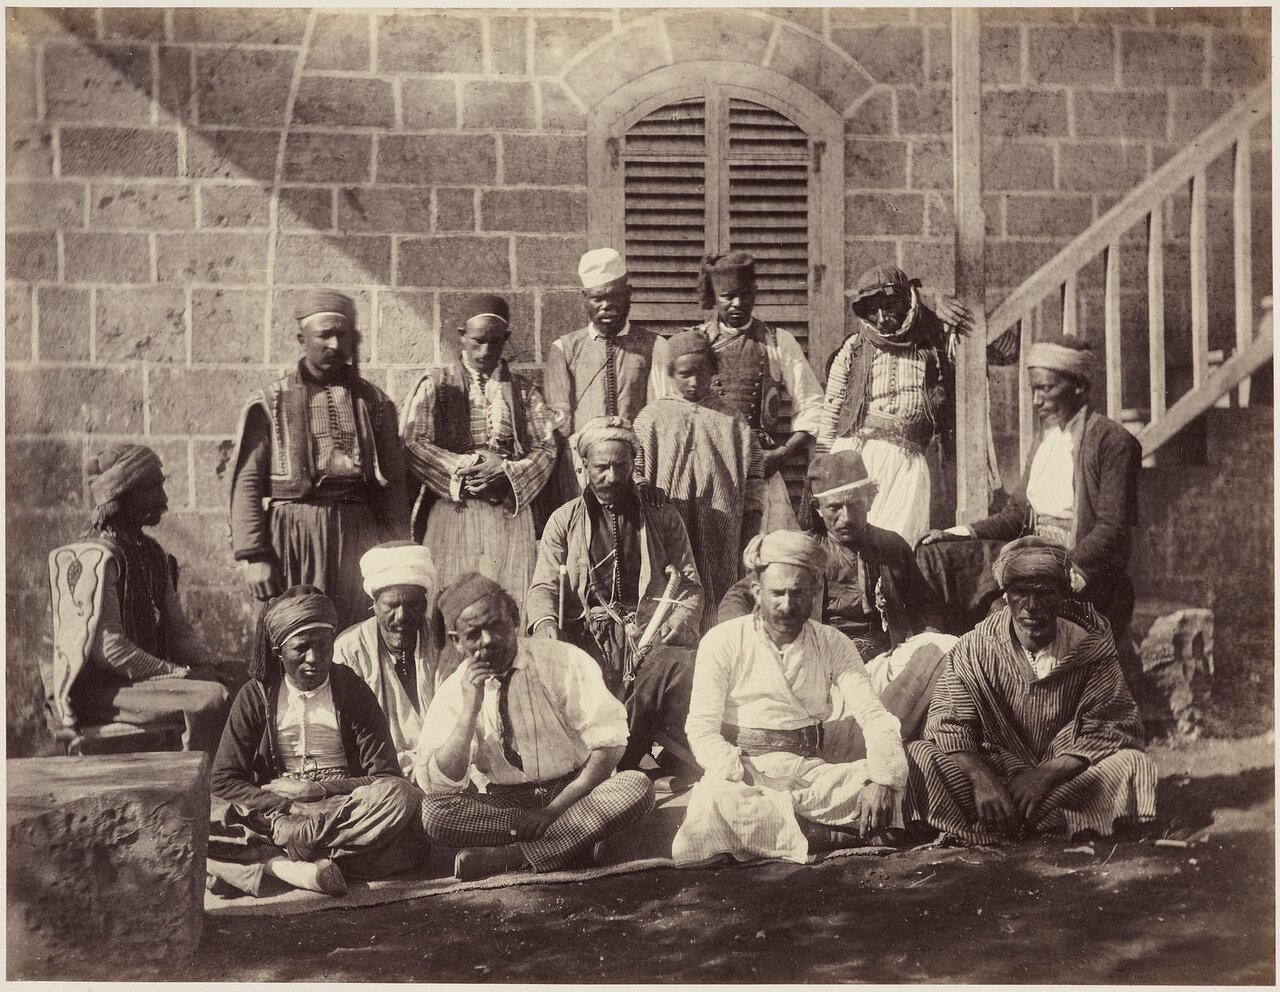 6 мая 1862. Обслуживающий персонал лагеря, Бейрут